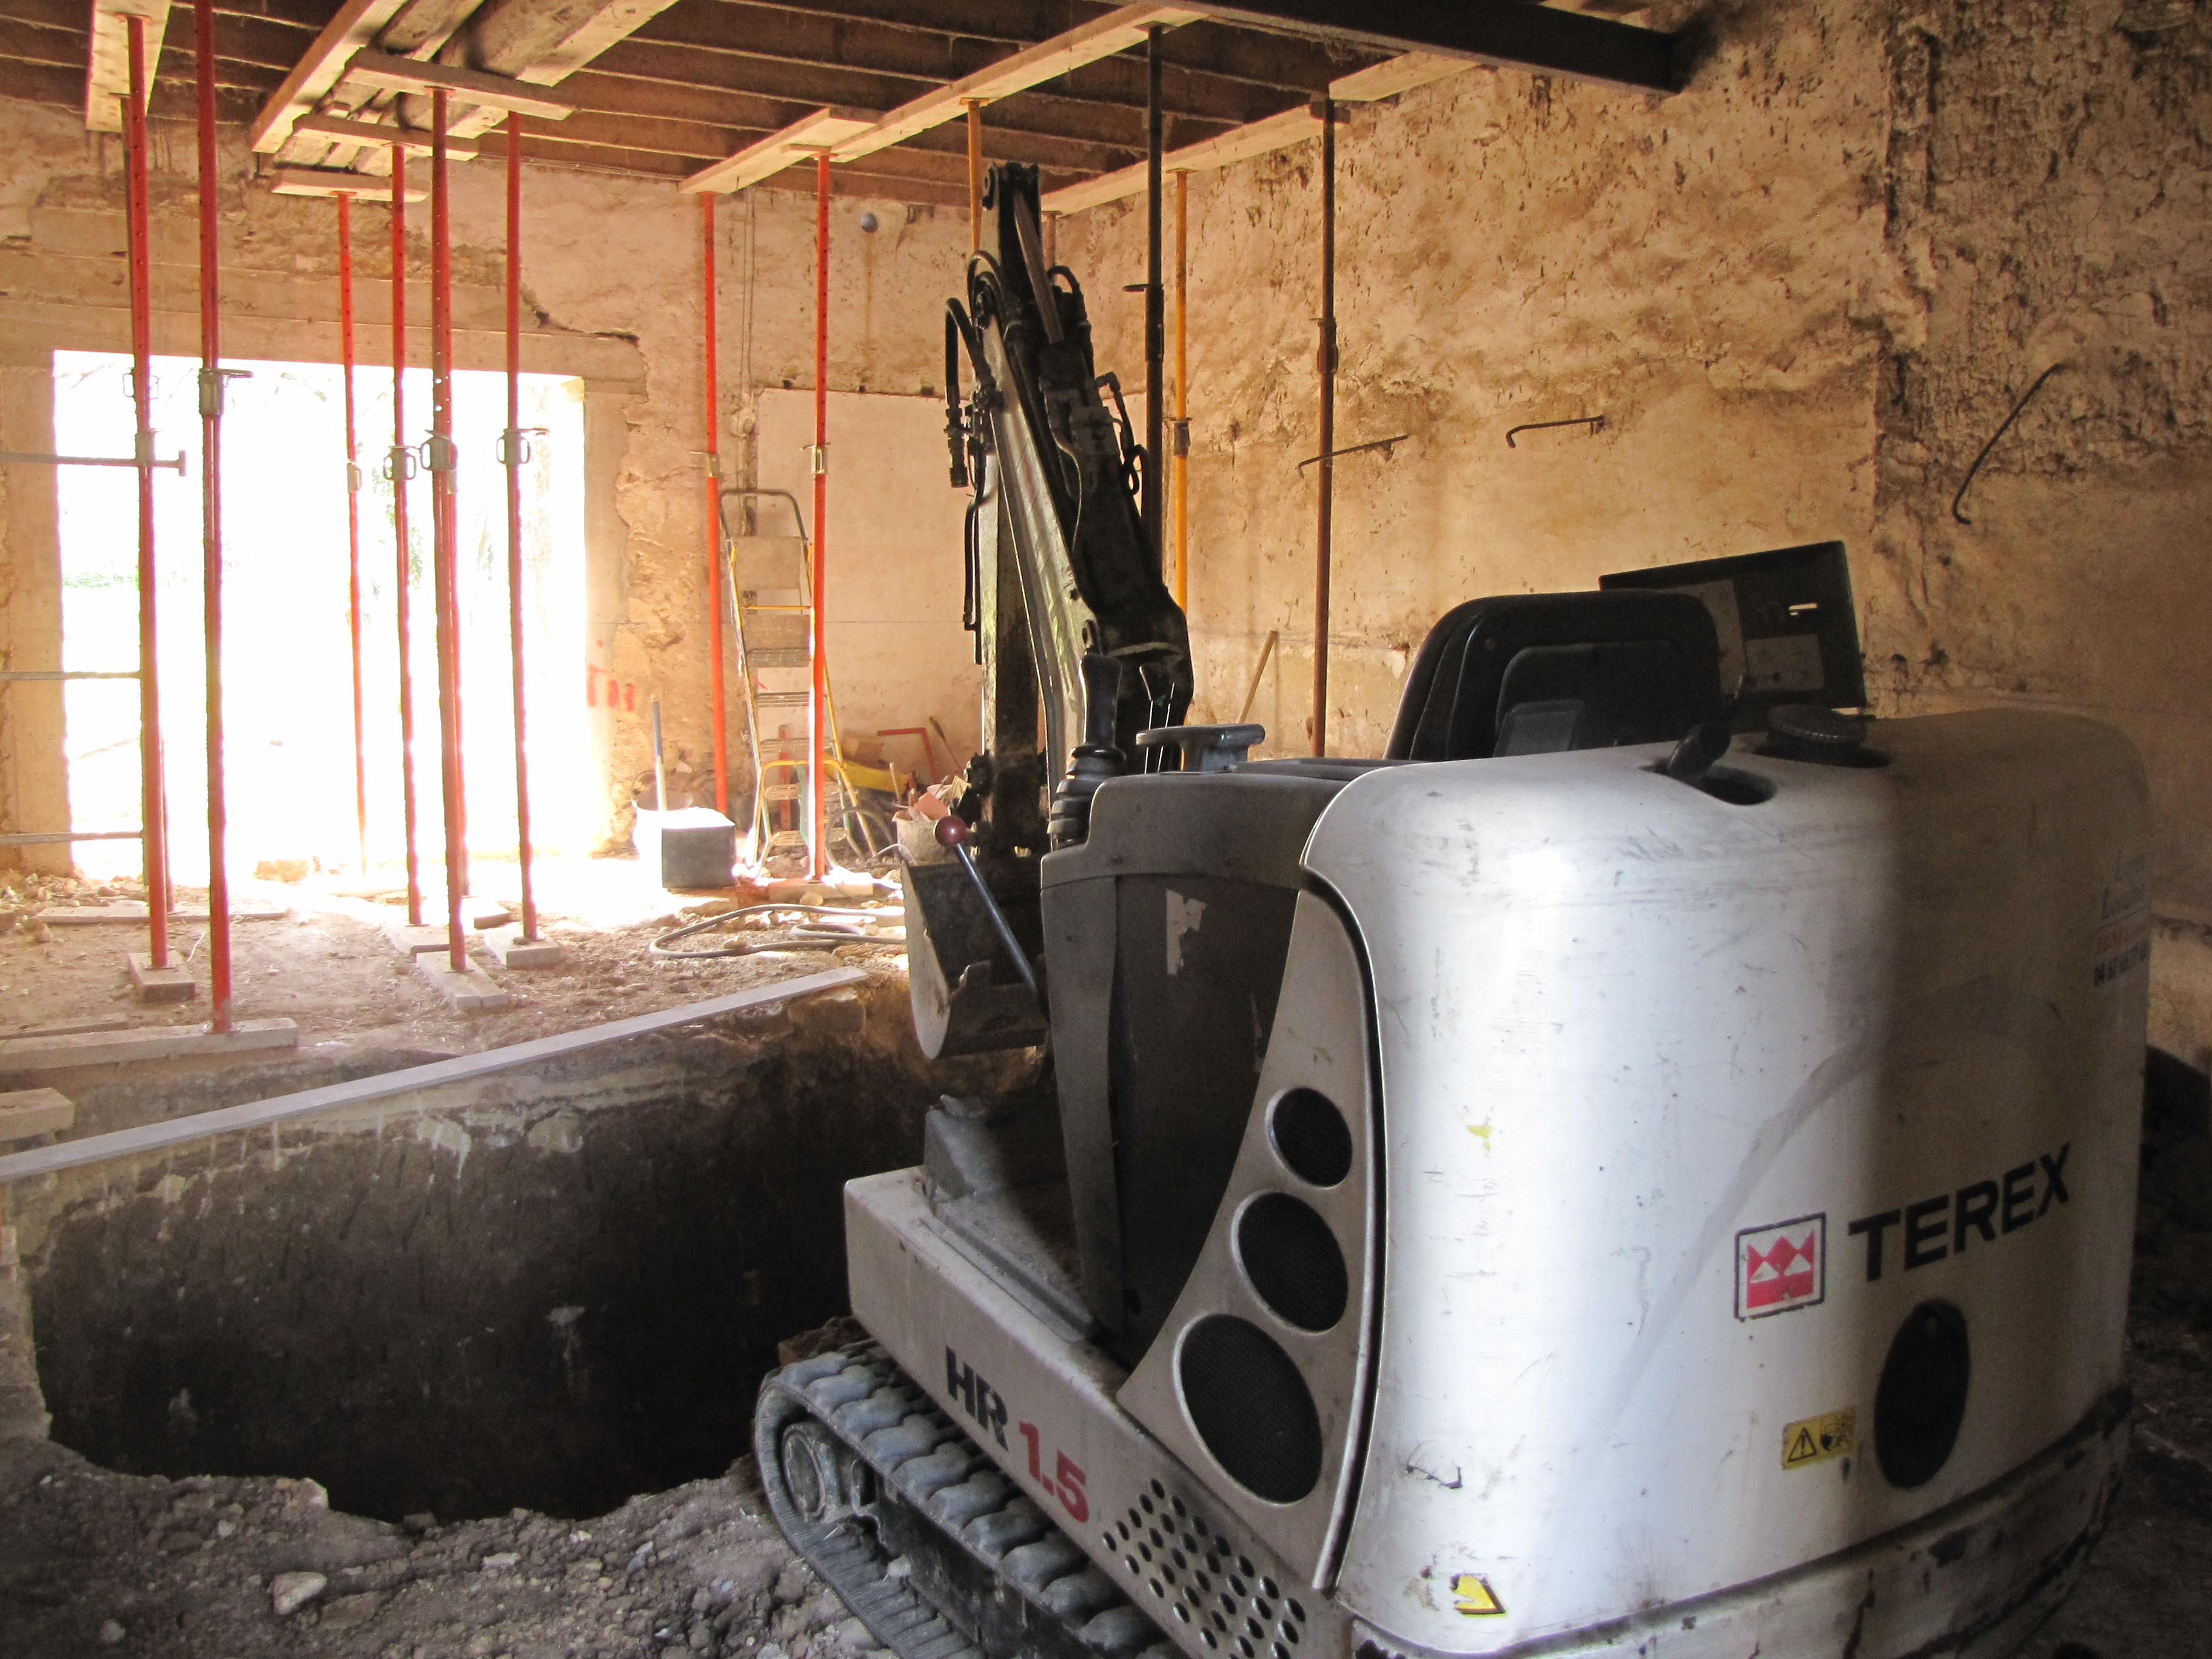 Desportes Rénovation Gard : Terrassement d'une cave à la mini pelle, puis à la main